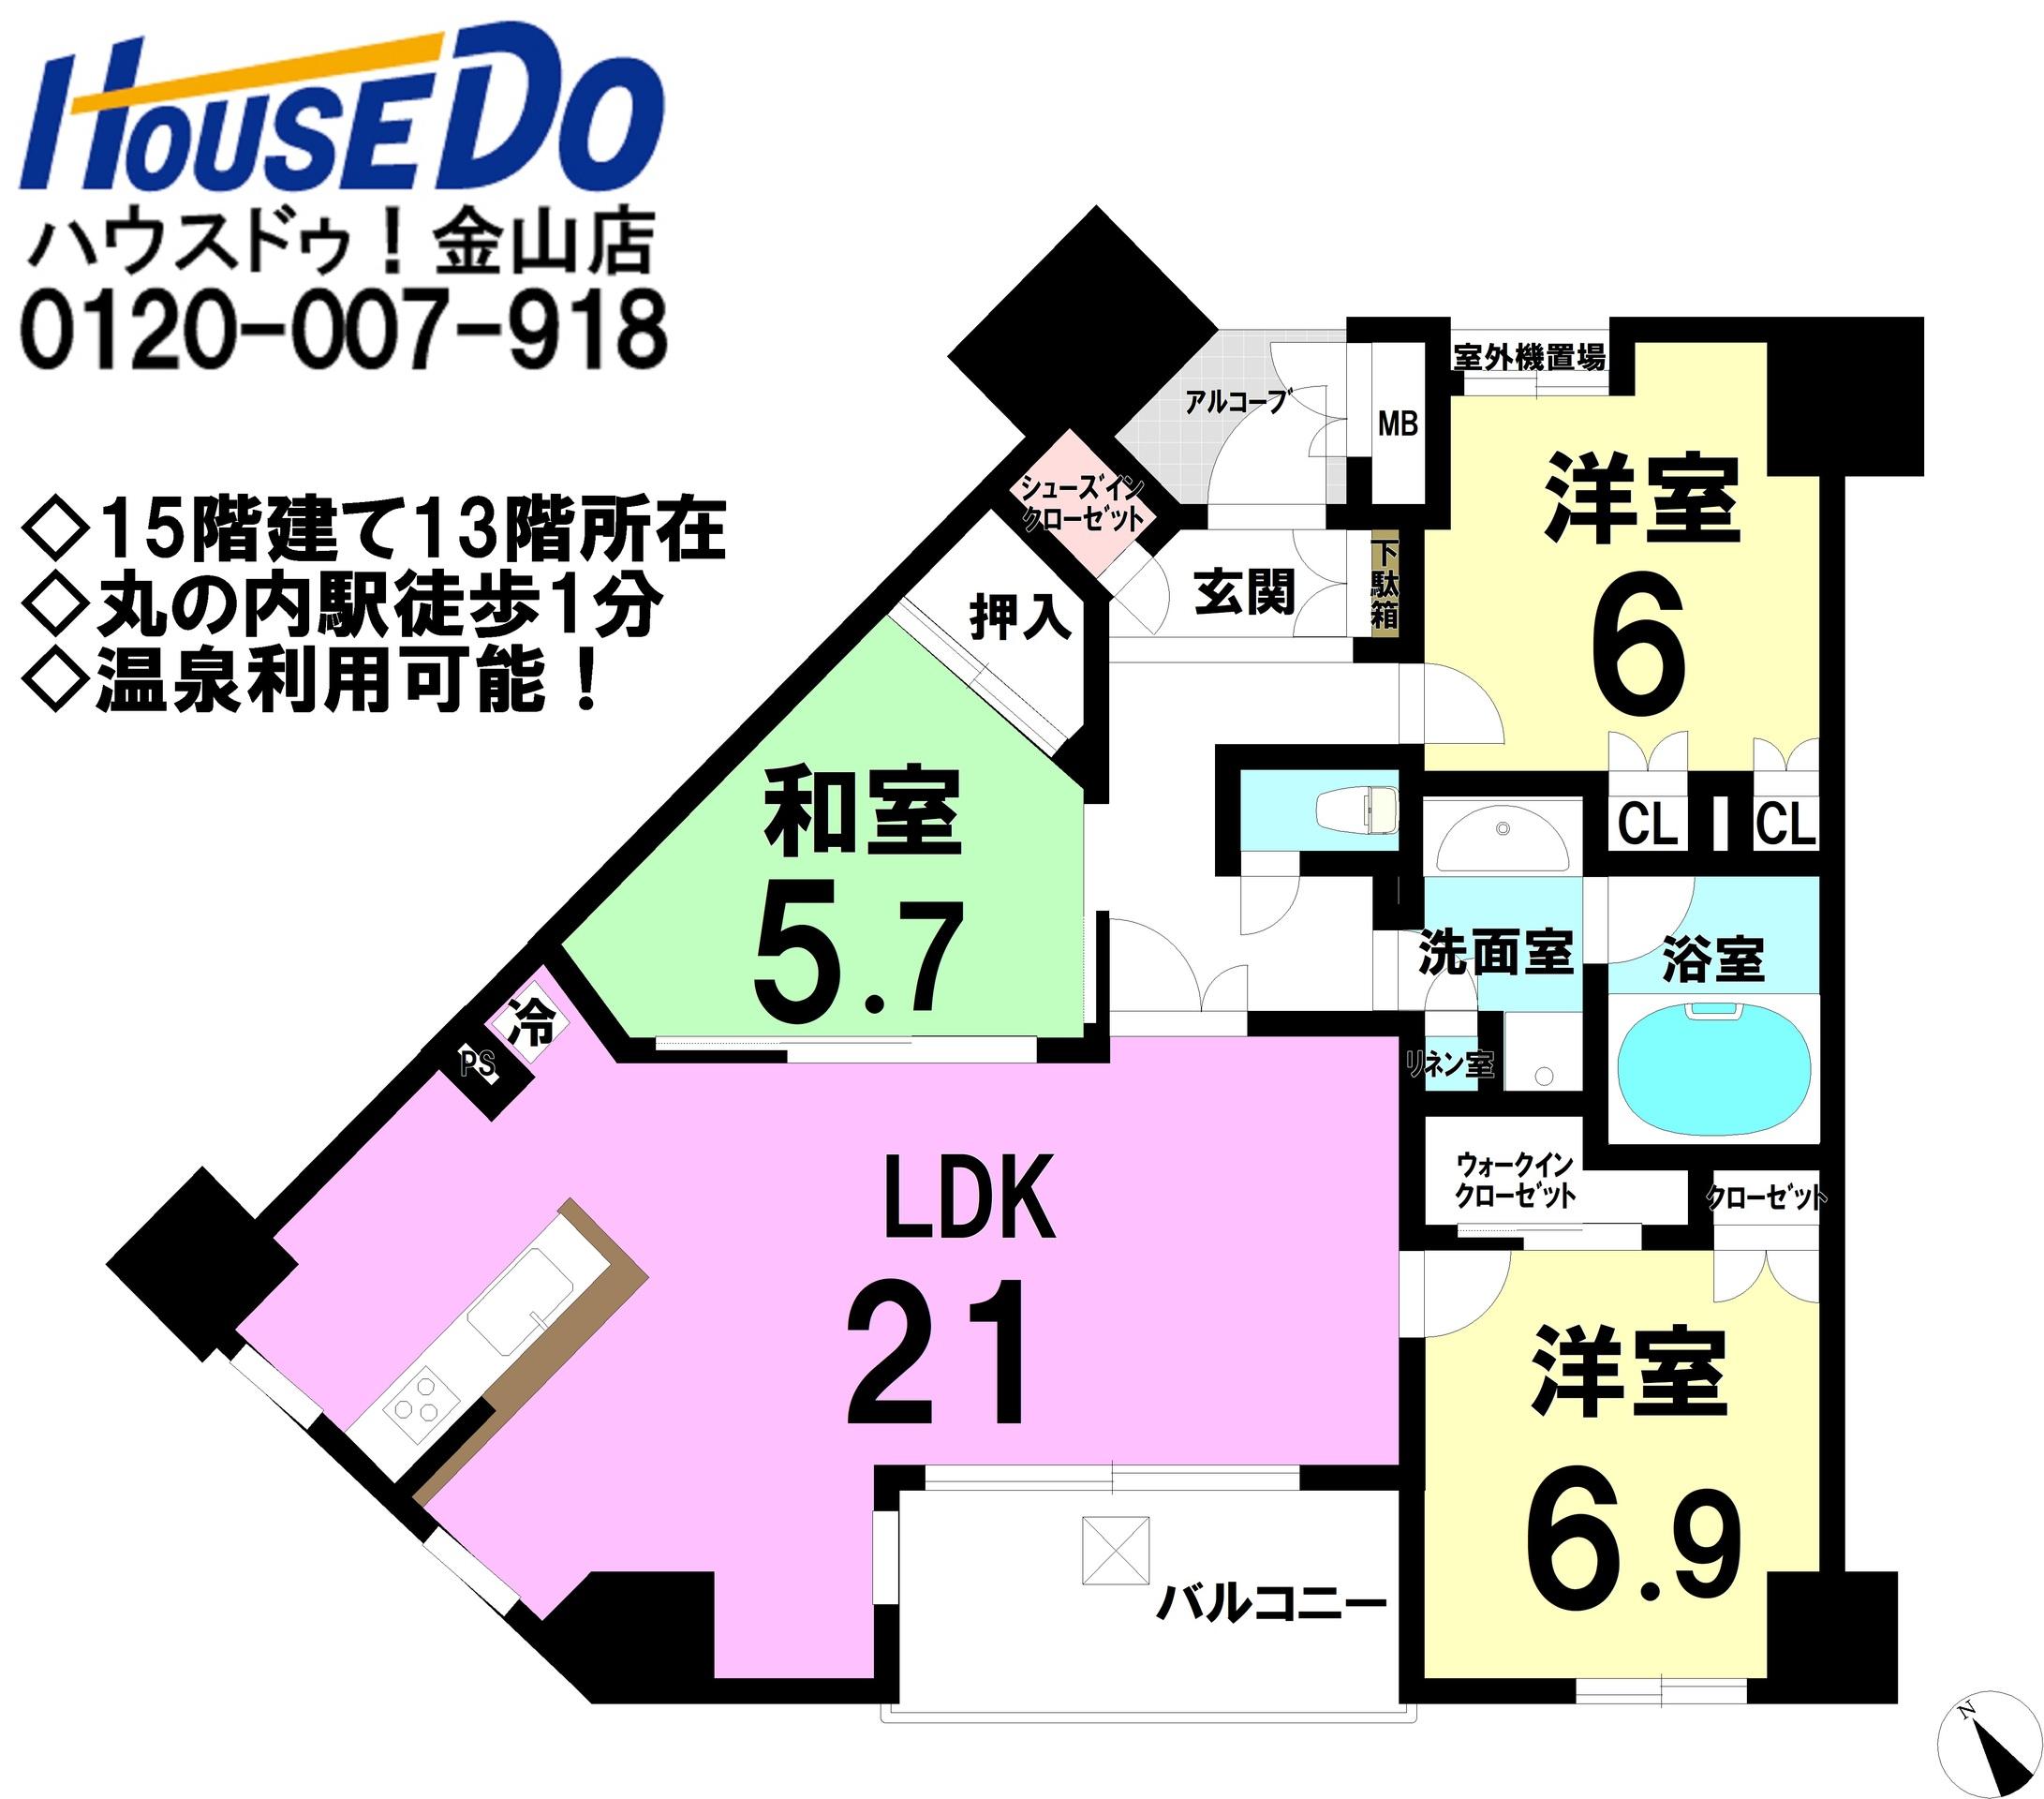 【間取り】 15階建て13階所在!